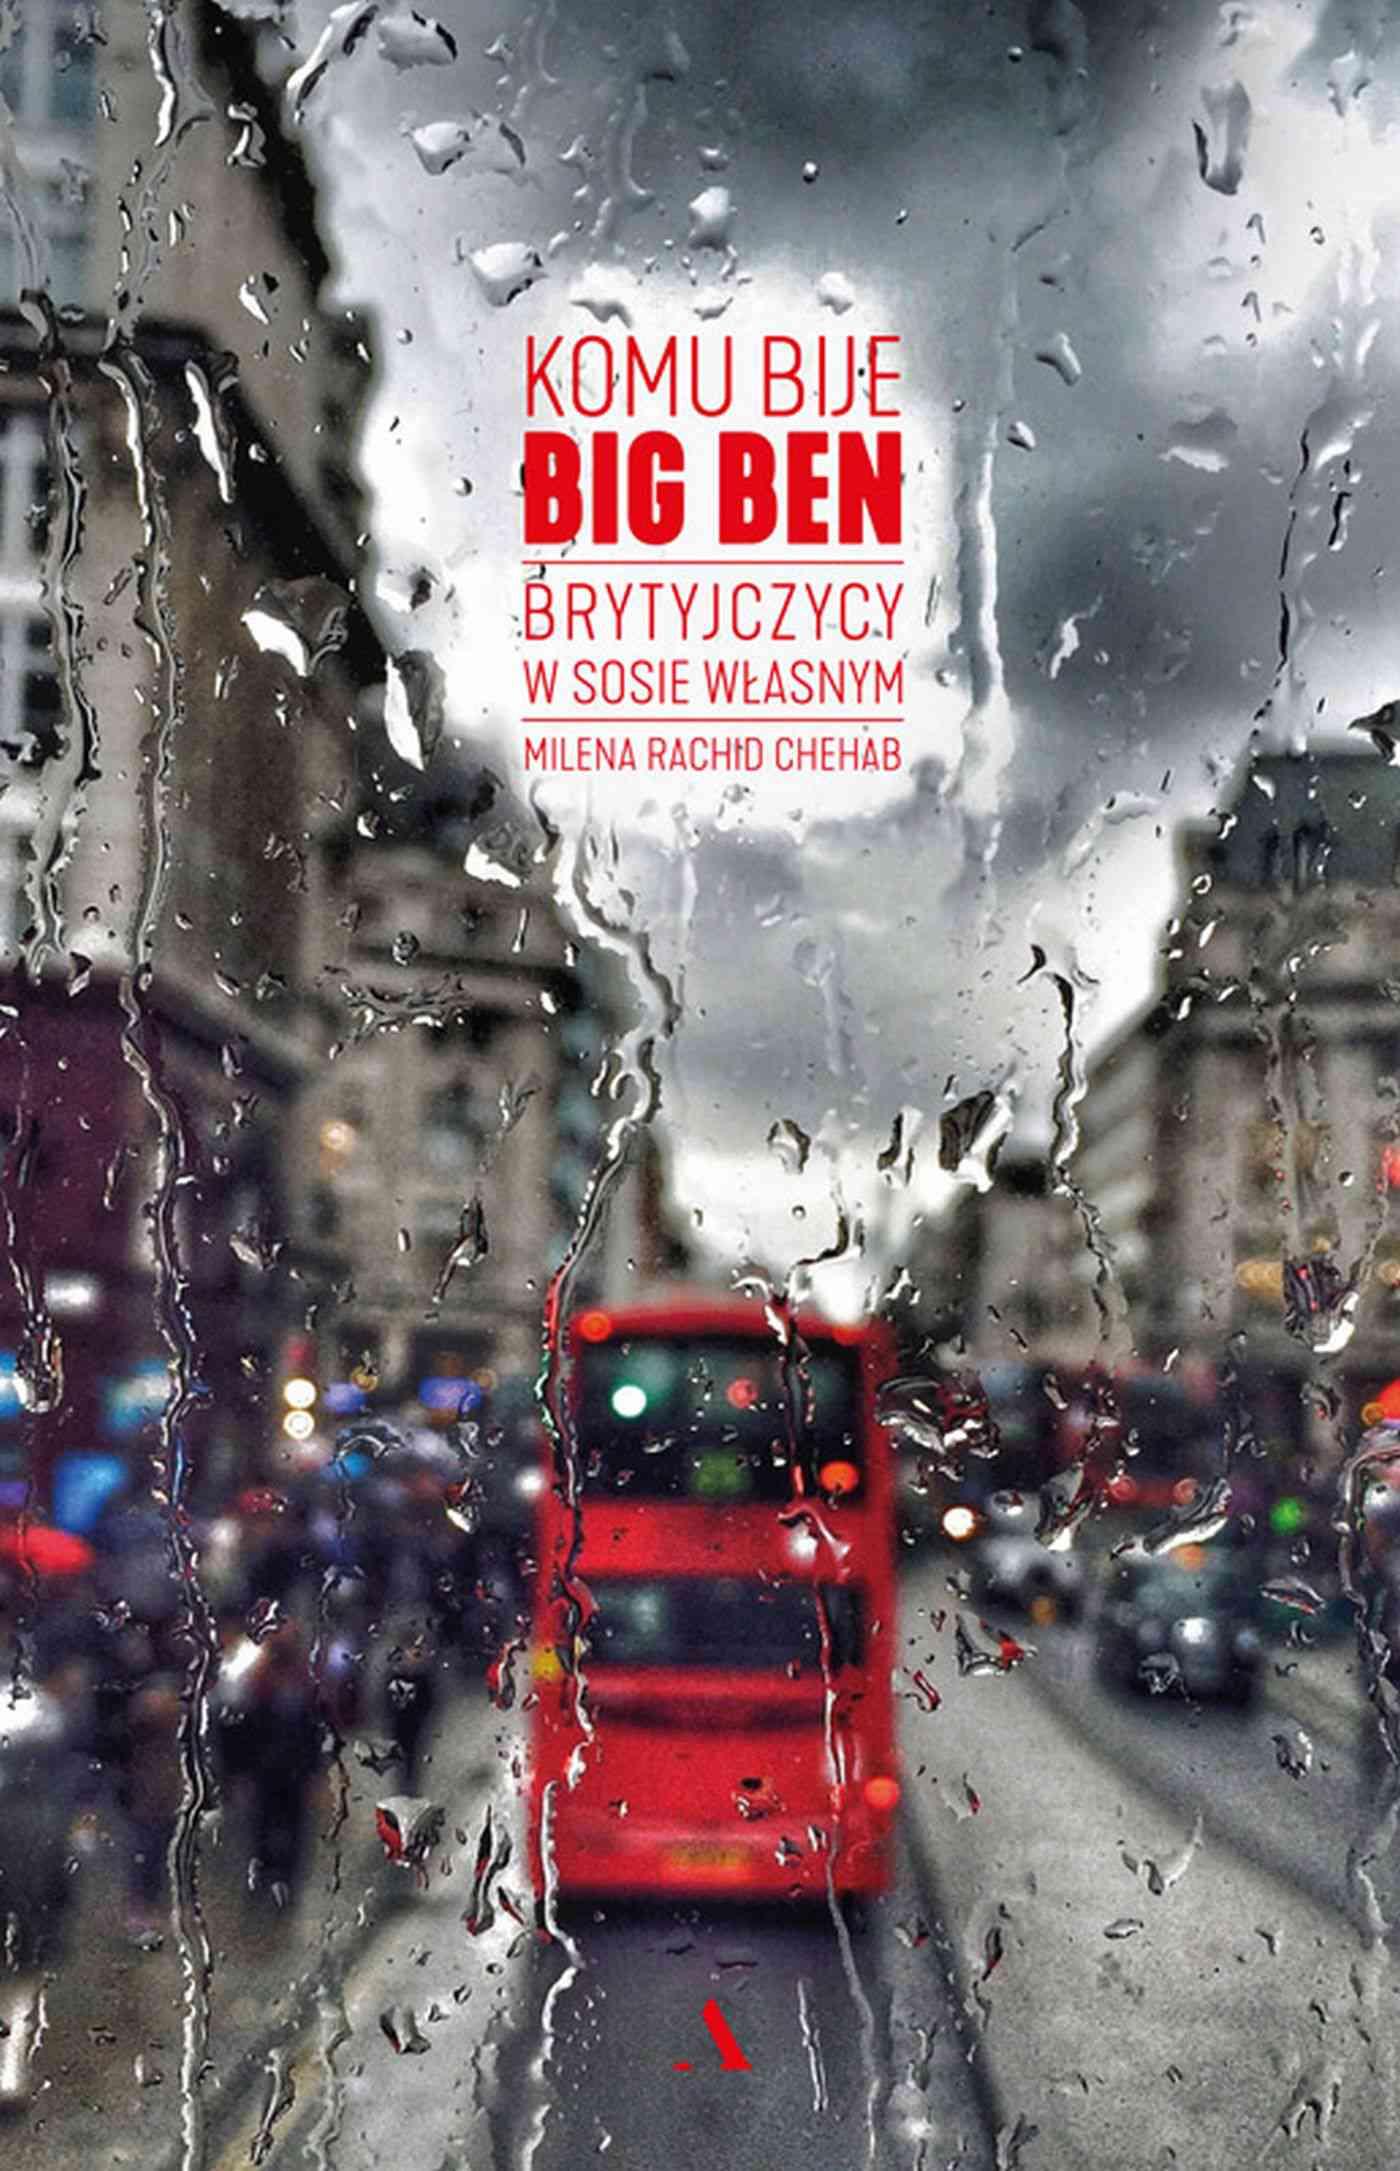 Komu bije Big Ben. Brytyjczycy w sosie własnym - Ebook (Książka EPUB) do pobrania w formacie EPUB